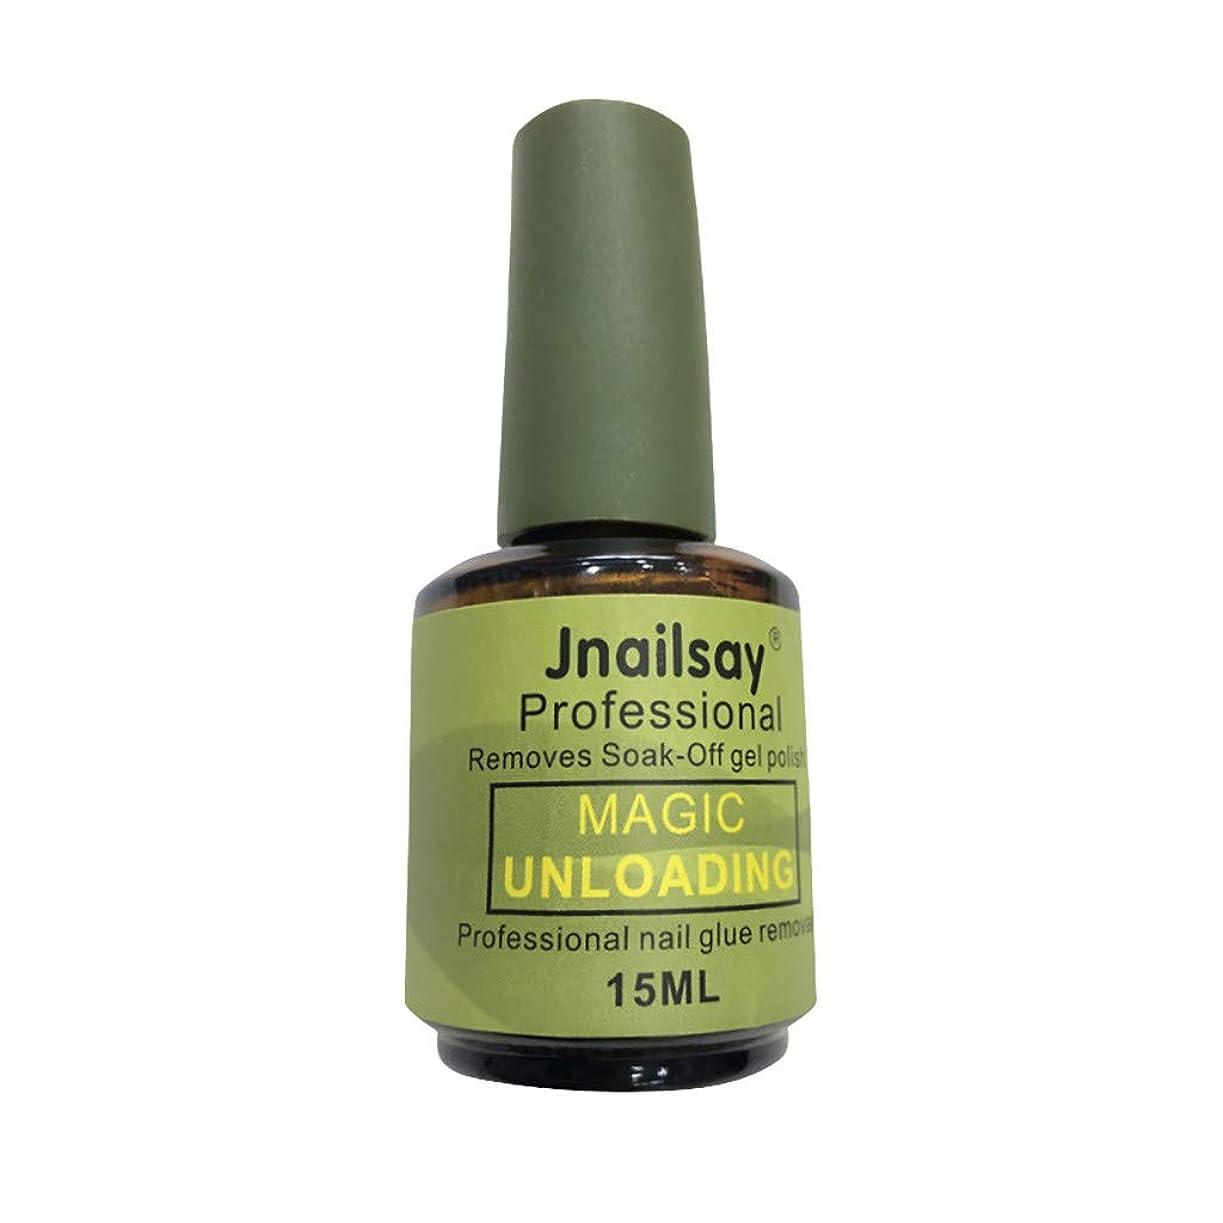 プレゼント政治家の配管工ネイル用品 Jnailsay 15ml速い破裂の装甲接着剤1分の荷を下す操作は釘を傷つけないで簡単で便利です (多色)